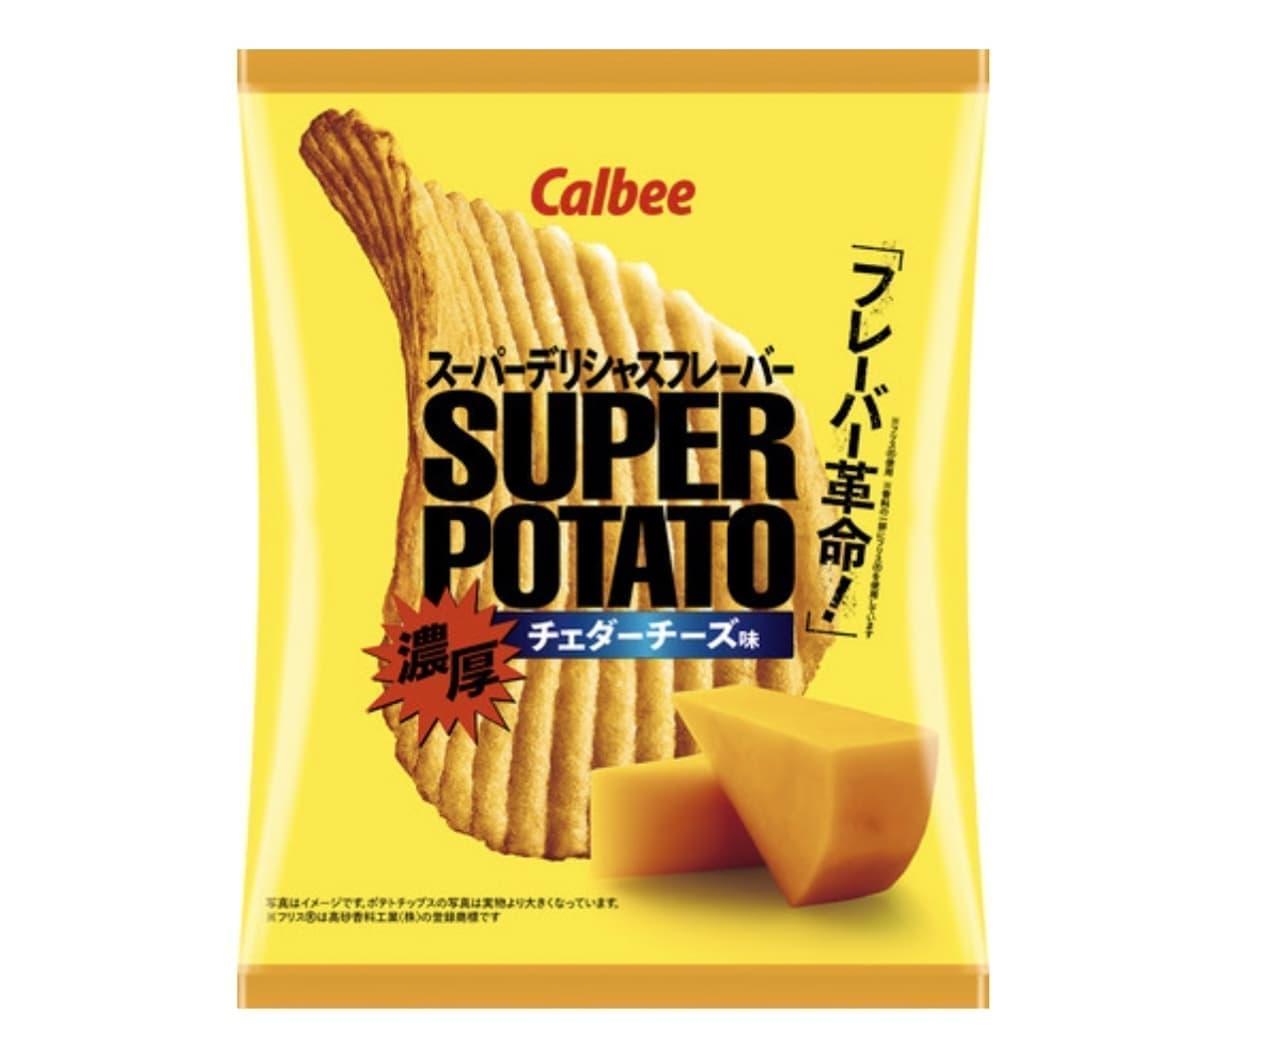 カルビー「スーパーポテト 濃厚チェダーチーズ味」